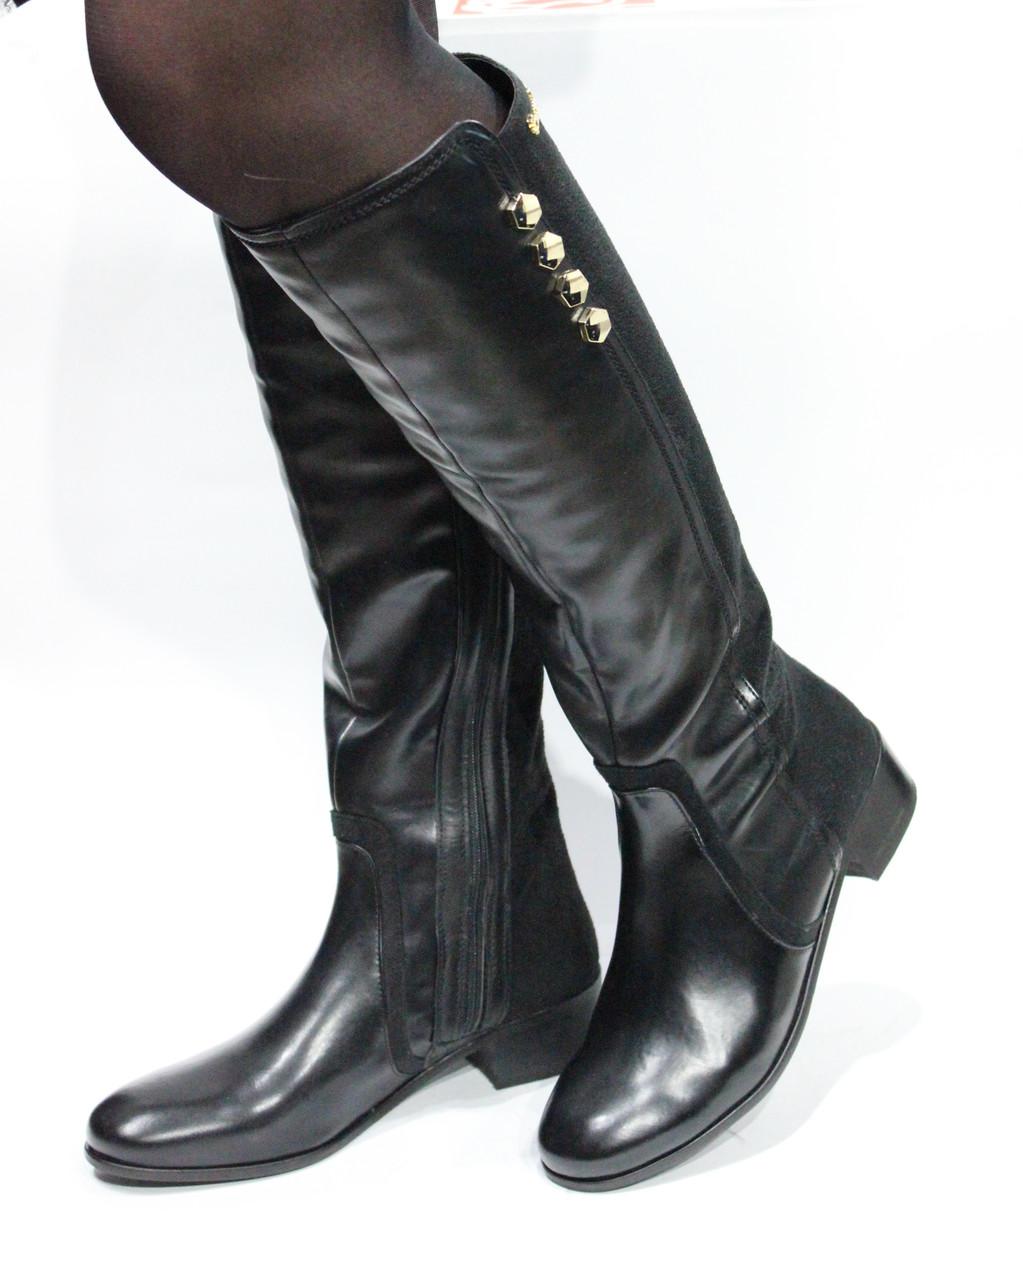 9db9dcffe6c1 Шикарные кожаные сапоги Braccialini, Италия-Оригинал: продажа, цена ...